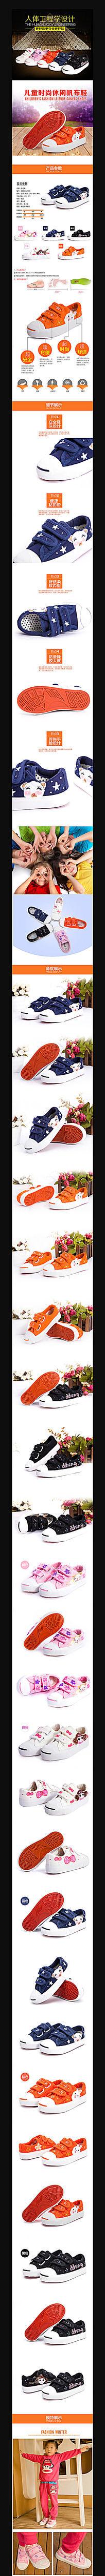 淘宝童鞋详情描述图PSD模板